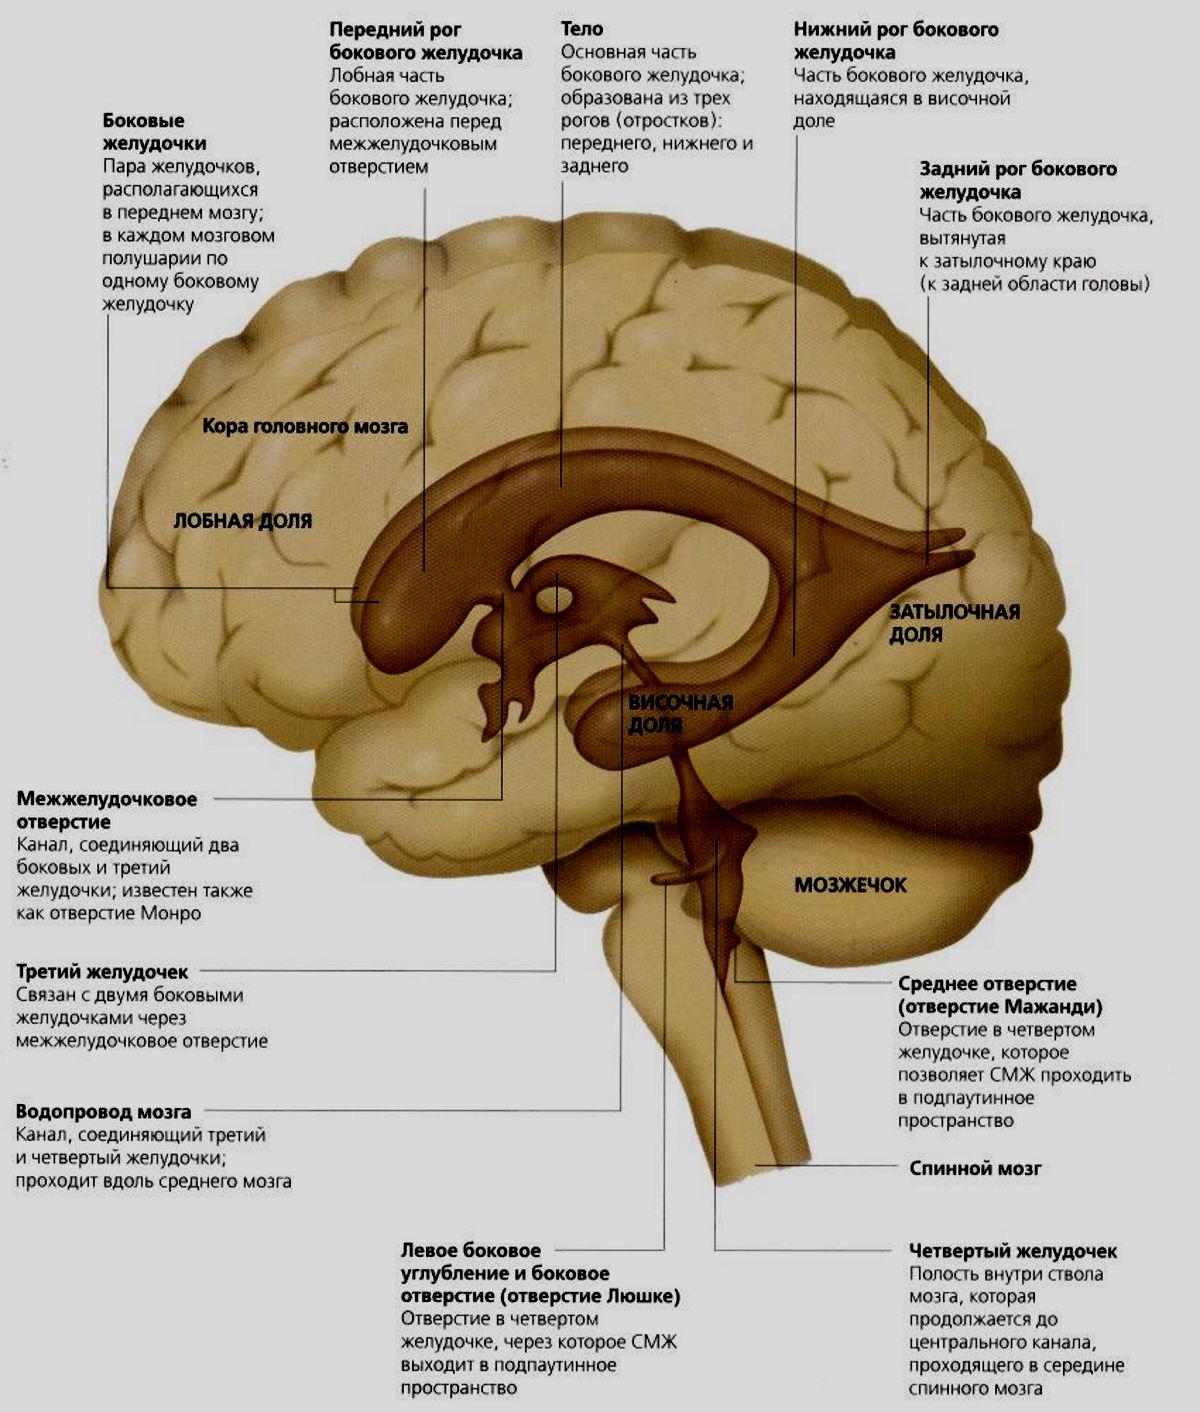 Строение системы желудочков